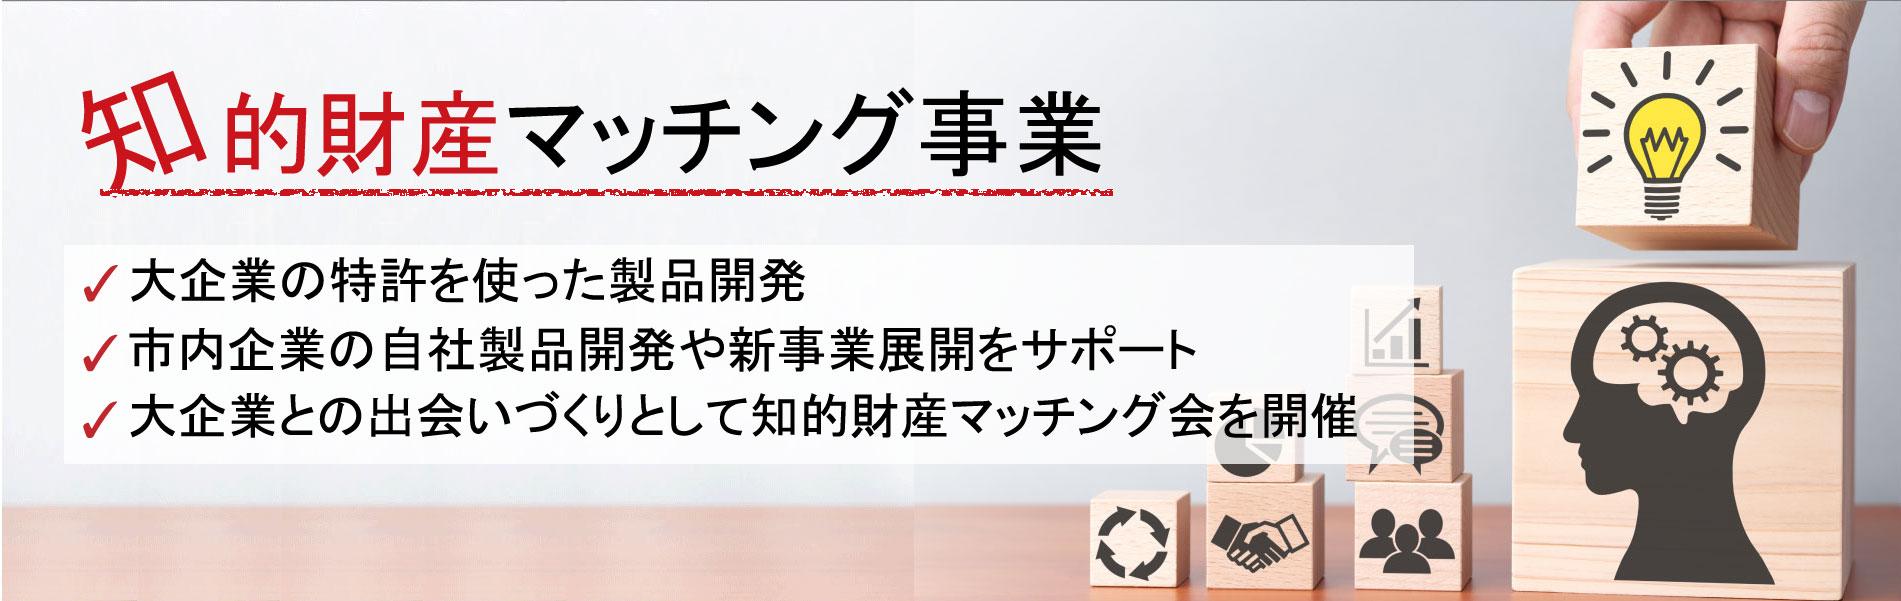 川崎市知的財産マッチング事業